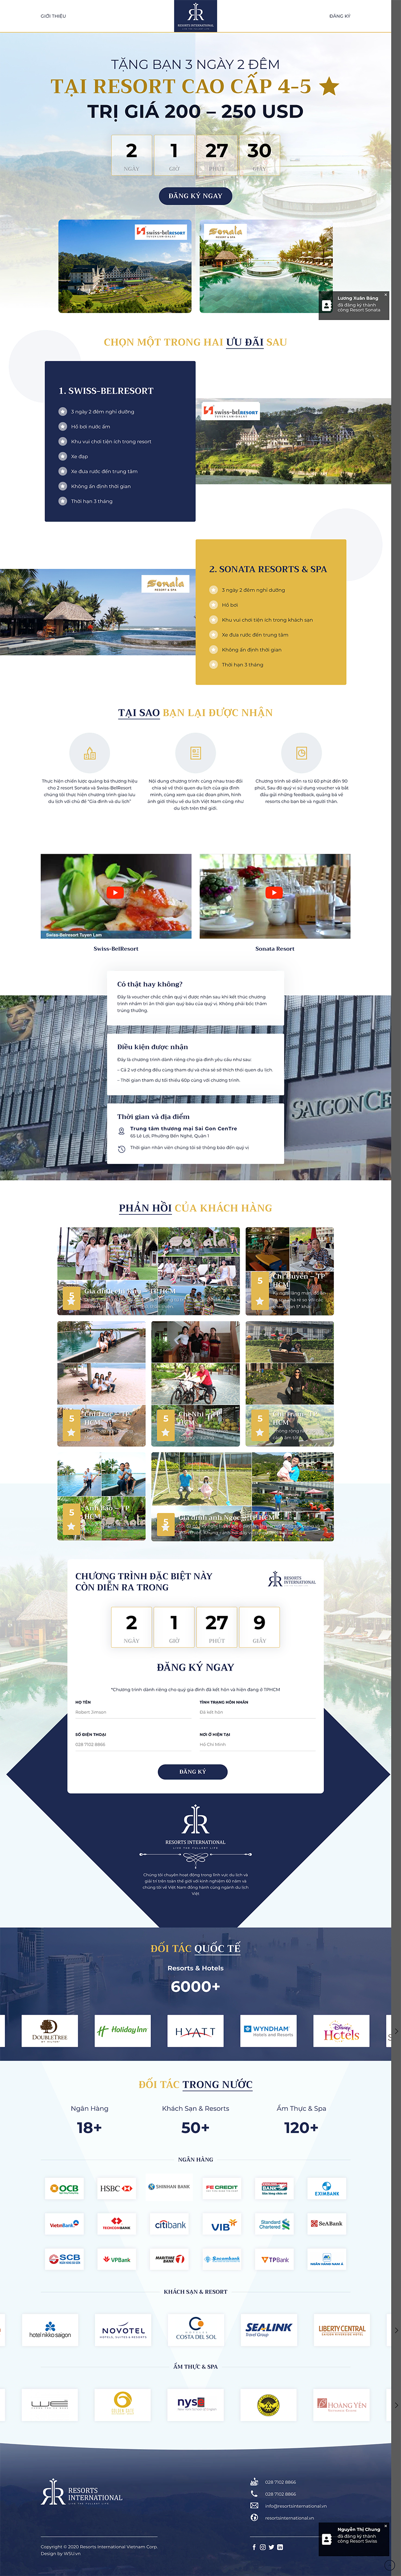 Dự án landing page giới thiệu dịch vụ nghỉ dưỡng Rivn